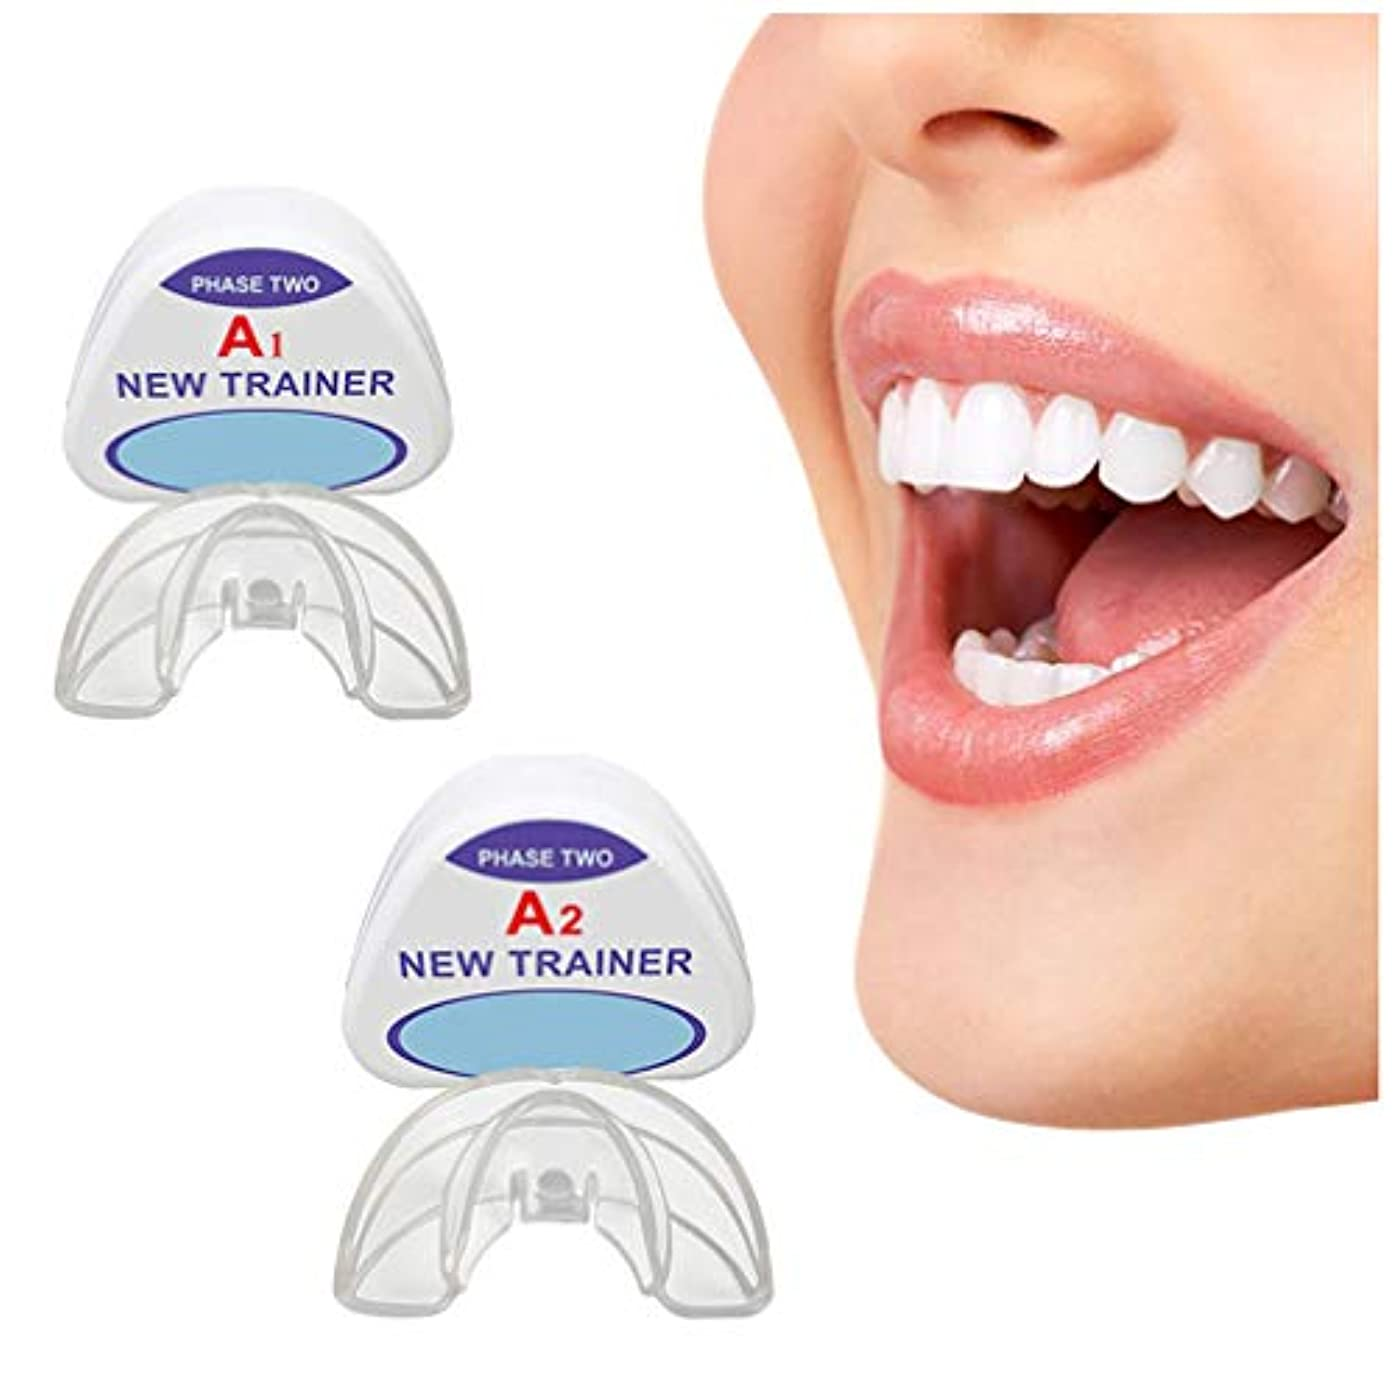 該当する上へマイナス歯アライメントトレーナーリテーナー、歯科矯正トレーナー、ナイトマウスガードスリムグラインドプロテクター、大人のためのトレーナー歯アライメントブレース,A1+A2